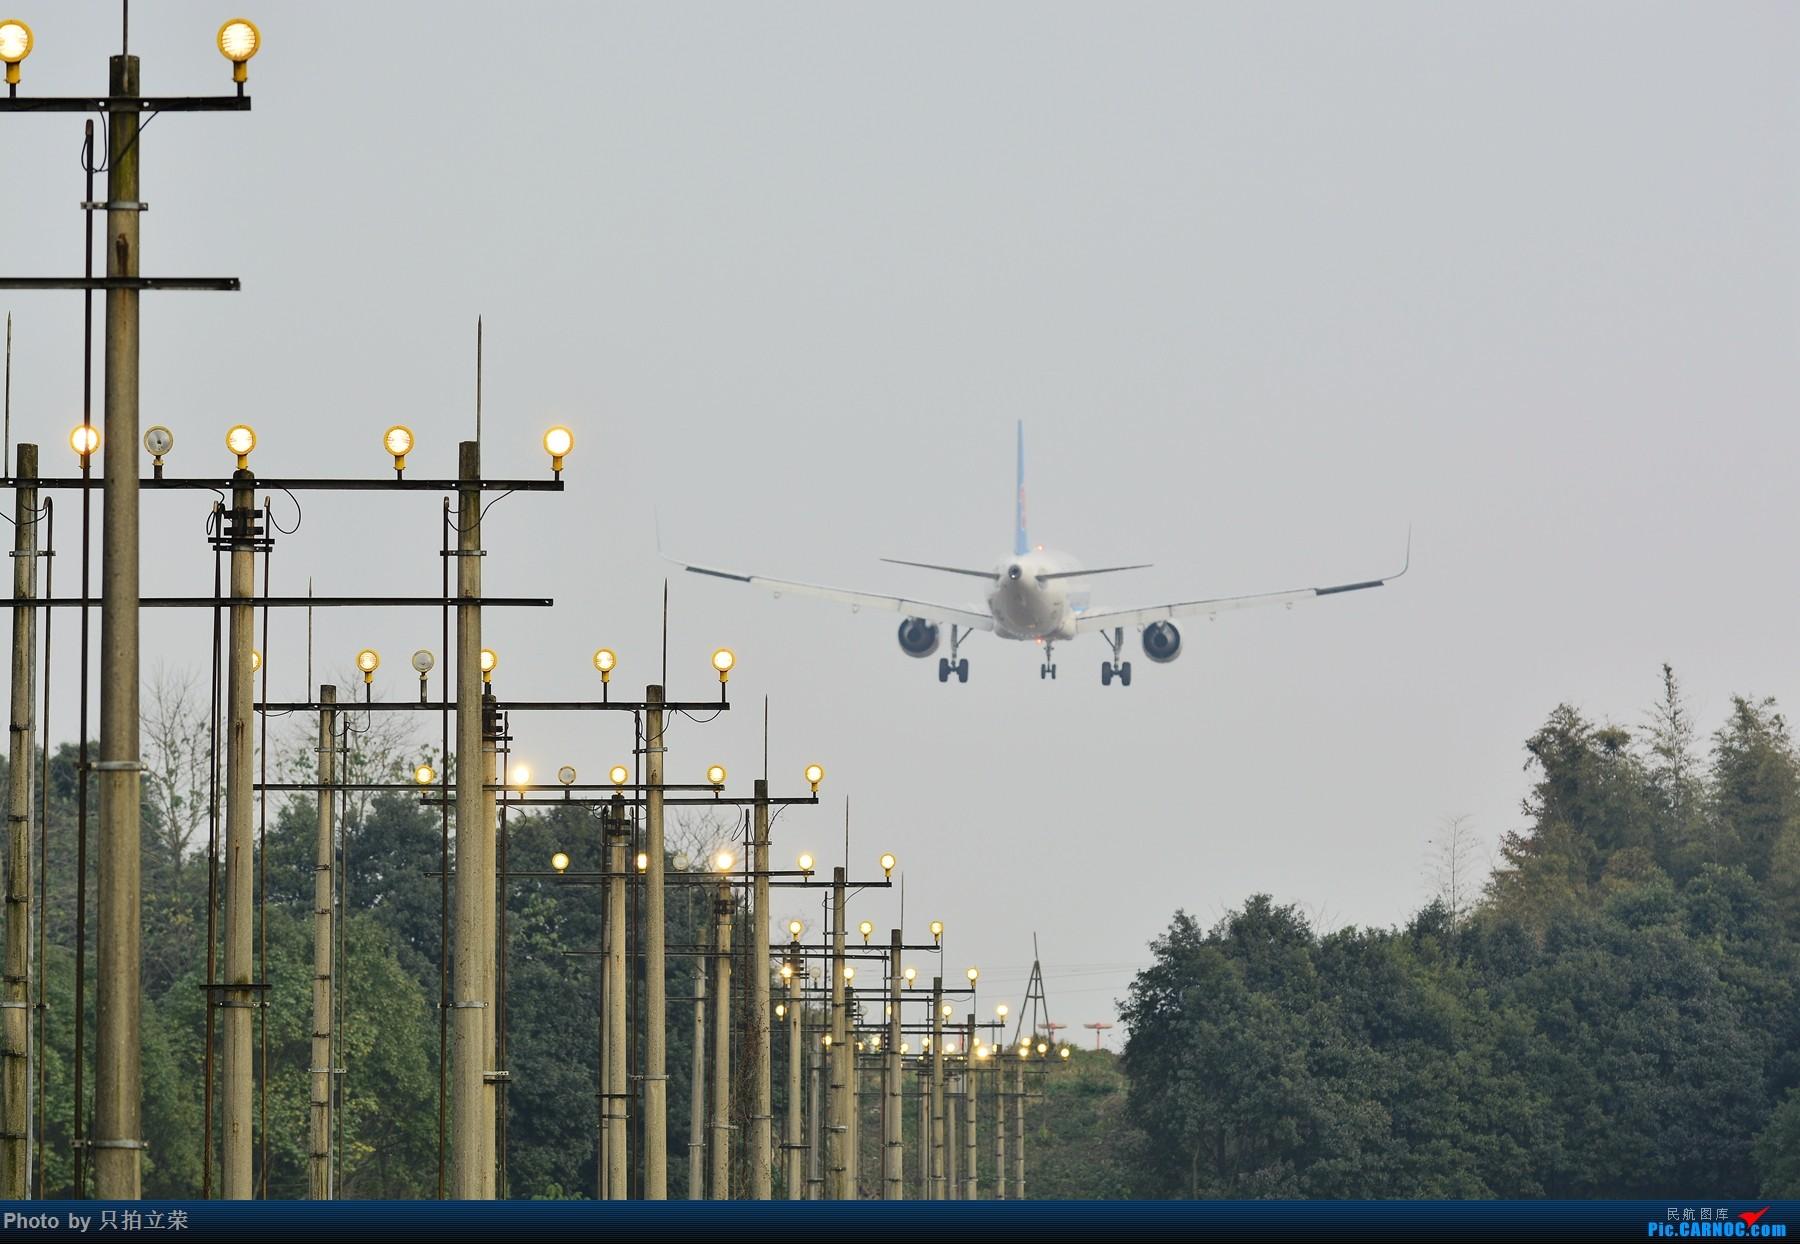 Re:[原创]长沙飞友会之--很久没拍机了,只拍立荣重回黄花! AIRBUS A320